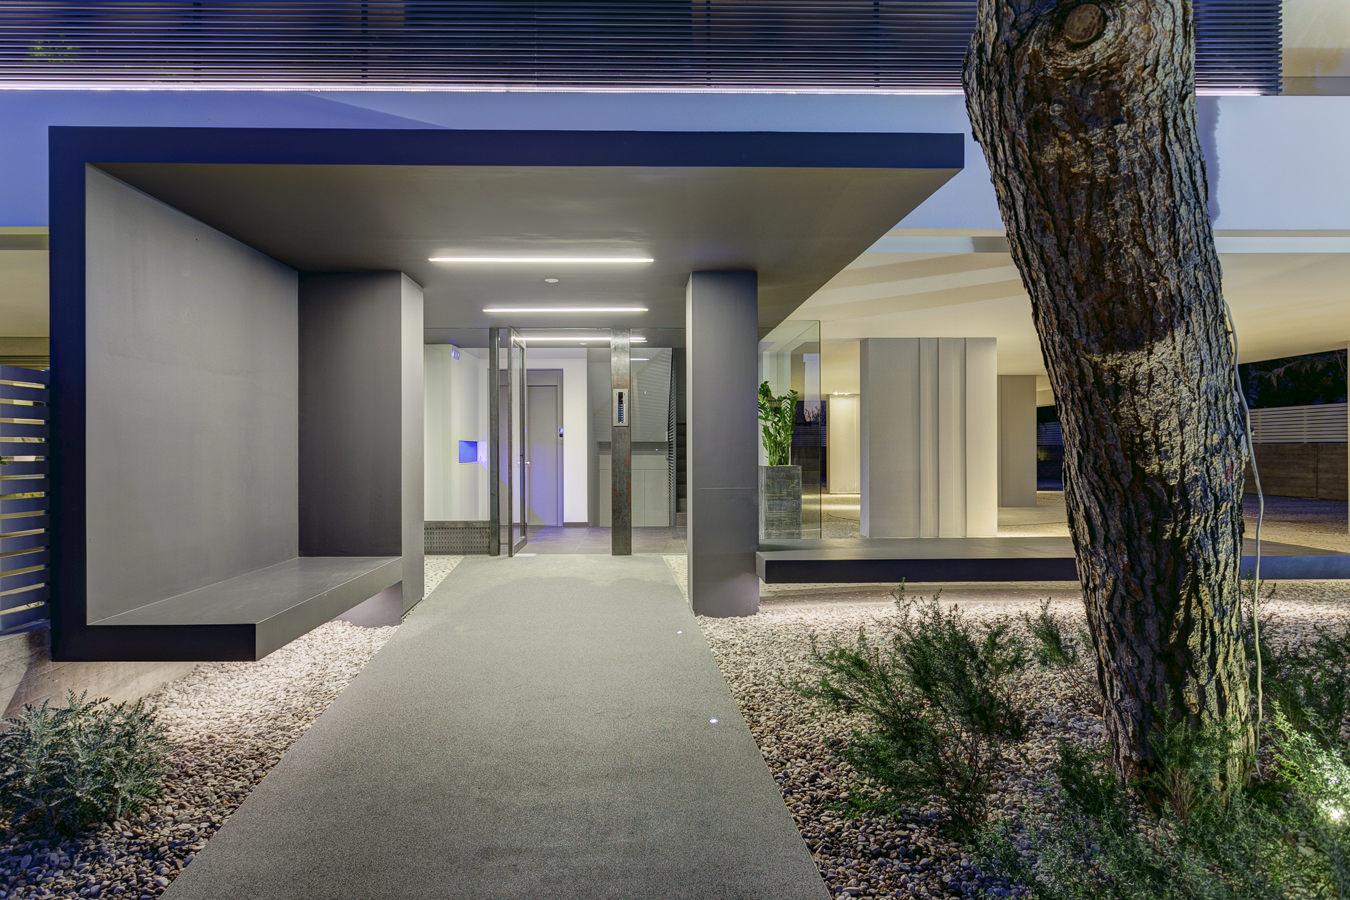 ENERGY STRATEGY, Γιώργος Φάκαρος - Αρχιτεκτονική Φωτογραφία | Εσωτερικοί Χώροι | Φωτογραφία Ξενοδοχειών - Photography / Φωτογραφία